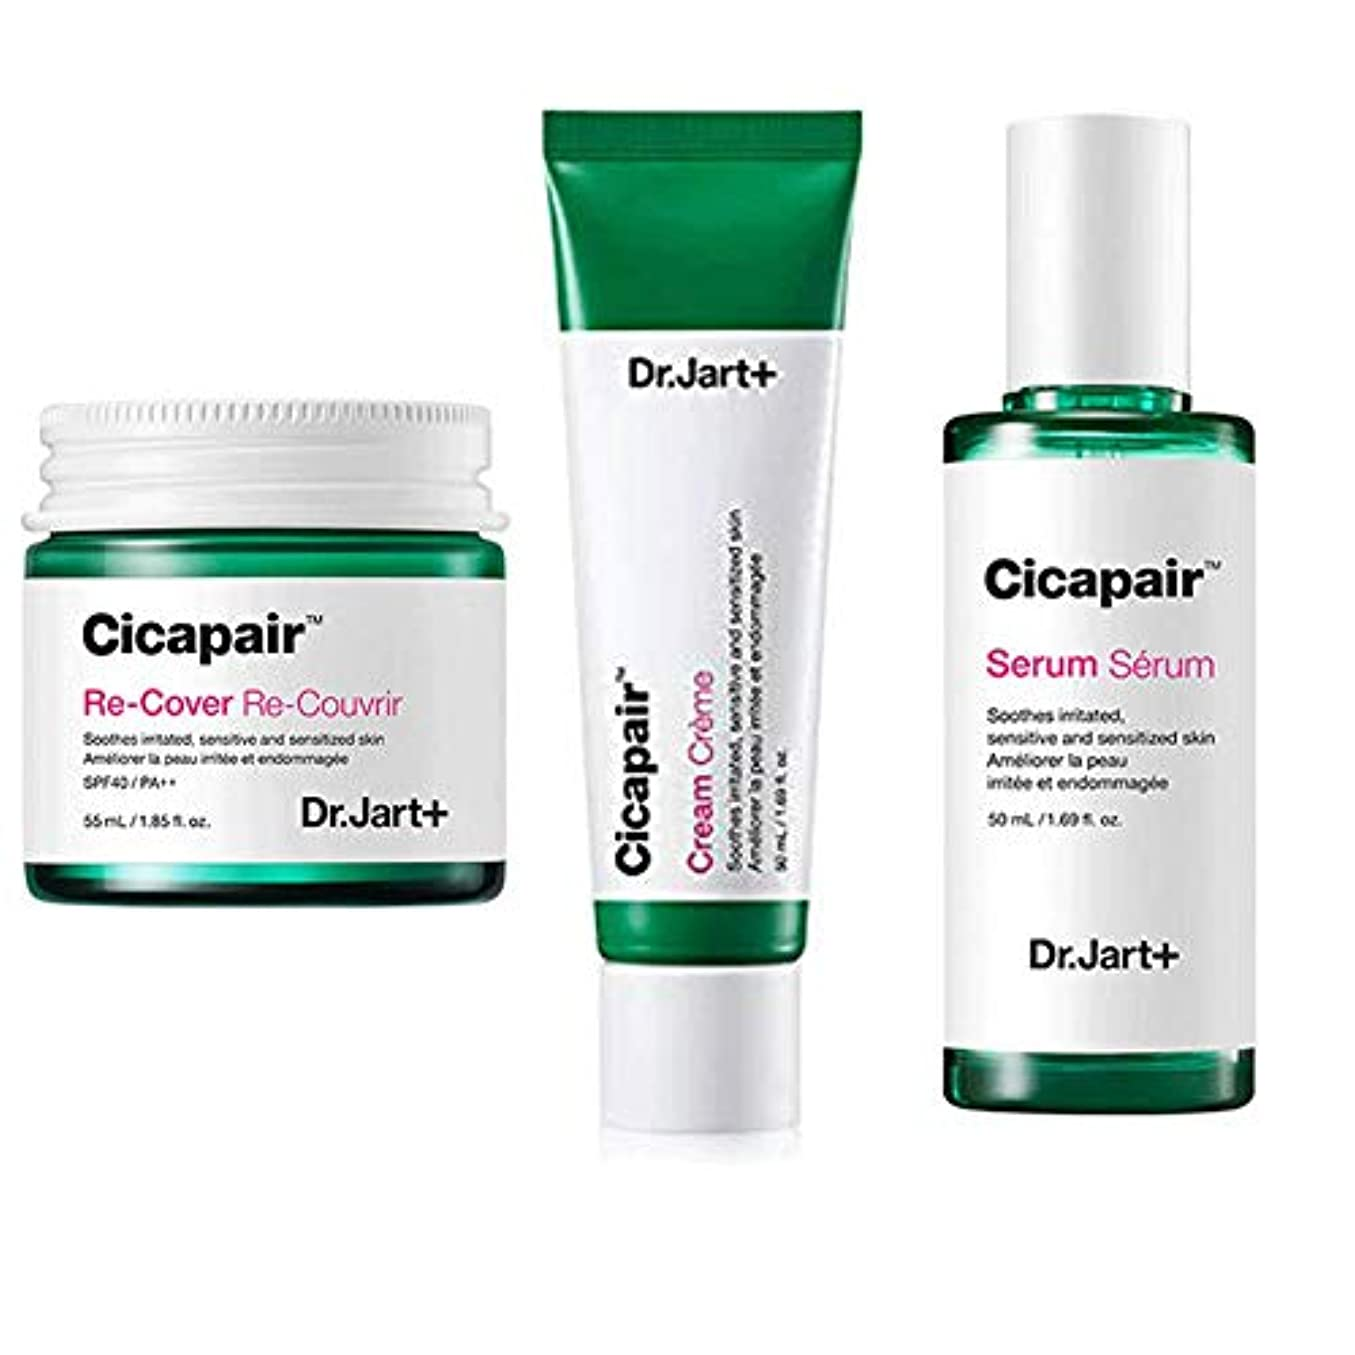 感じる彼の懐疑論Dr.Jart+ Cicapair Cream + ReCover + Serum ドクタージャルトシカペアクリーム50ml + リカバー 55ml + セラム 50ml(2代目) セット [並行輸入品]